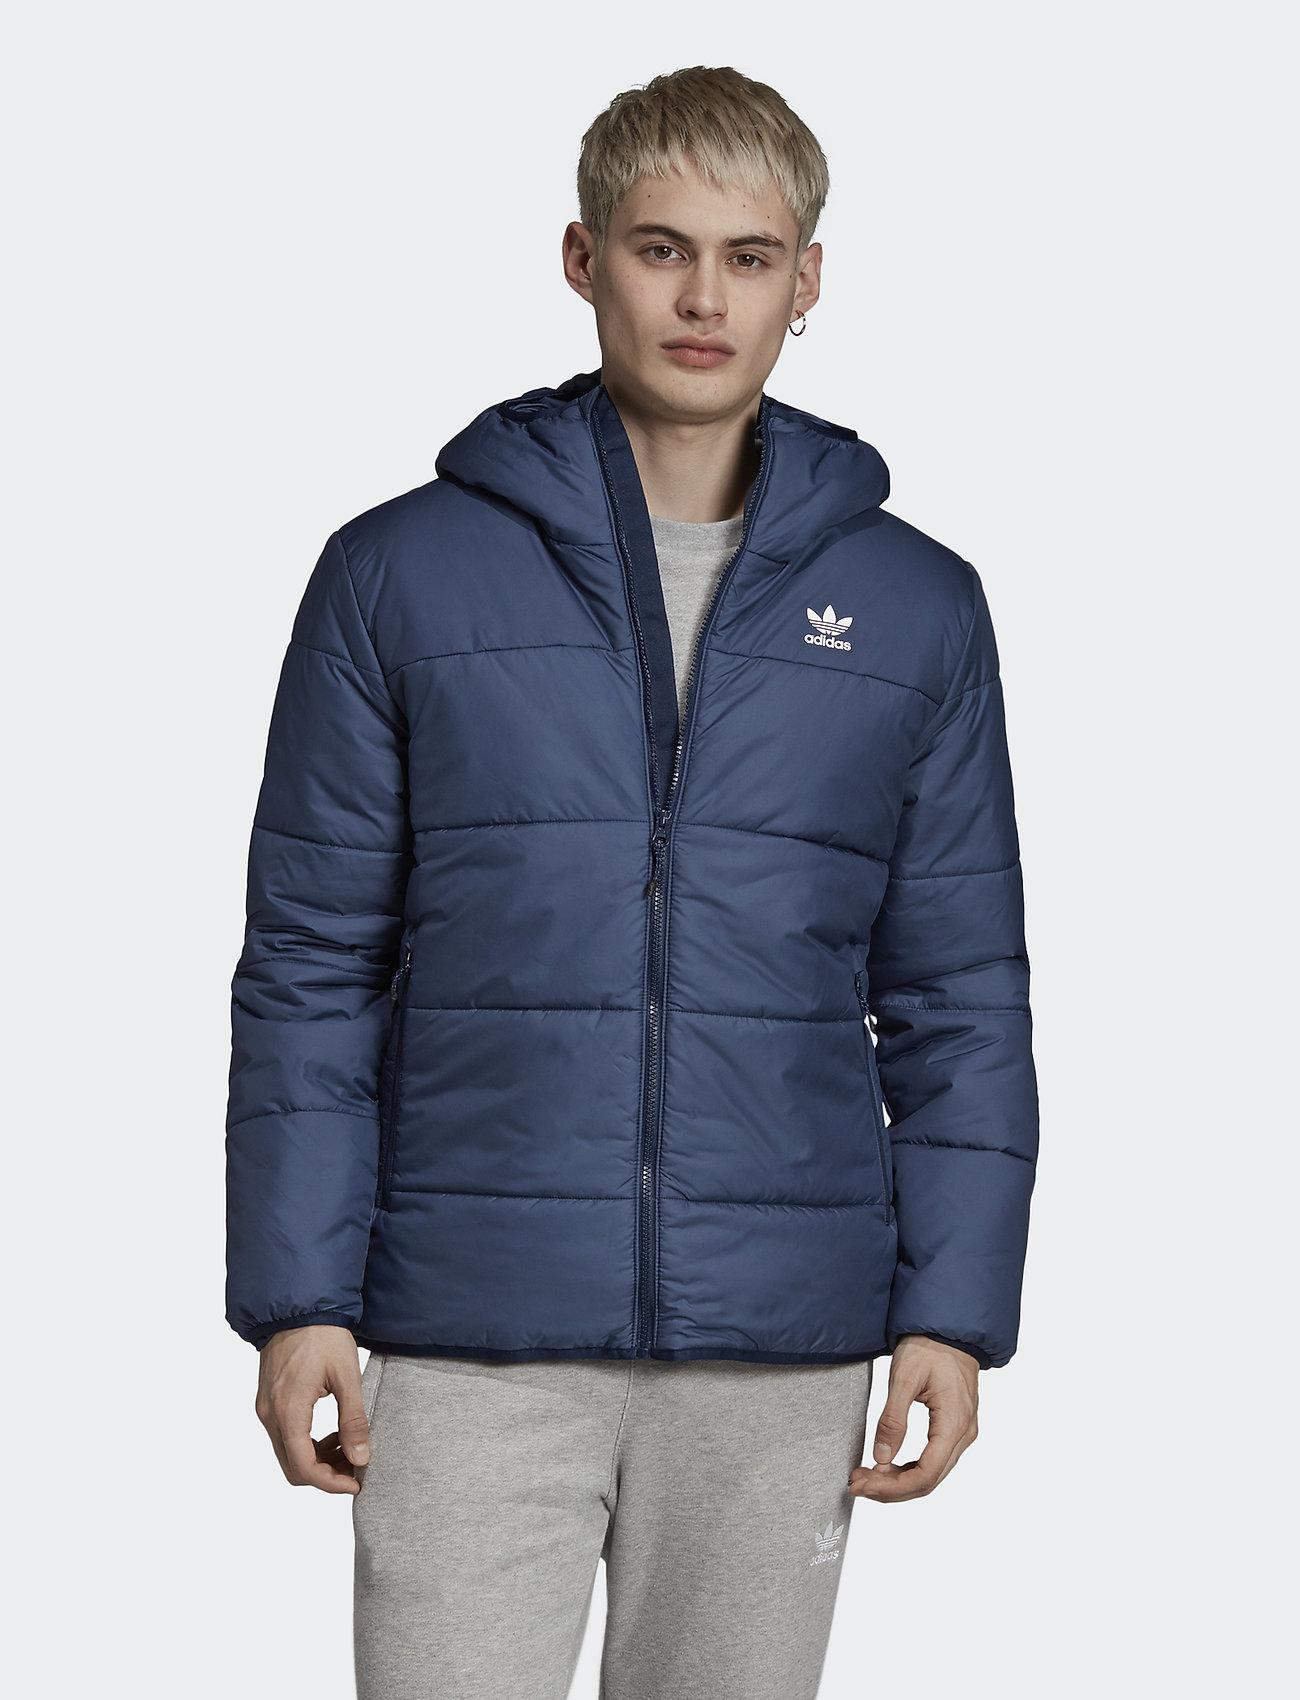 adidas Originals Navy Trefoil Logo Padded Jacket